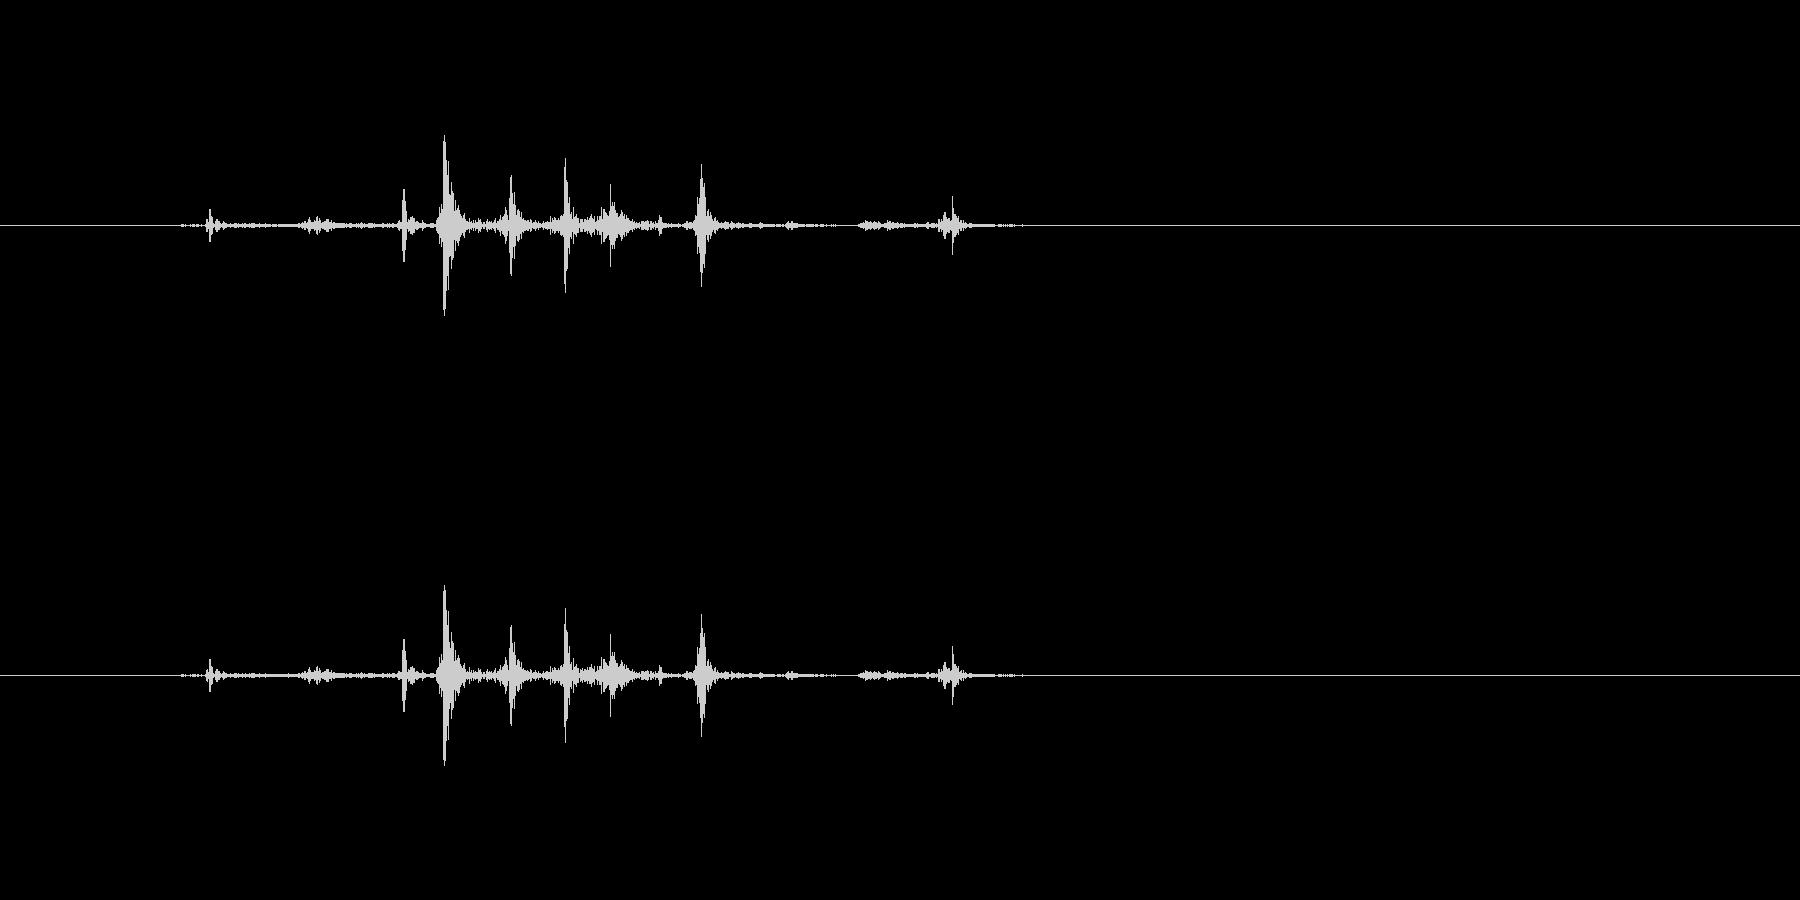 【本01-5(パラパラ)】の未再生の波形